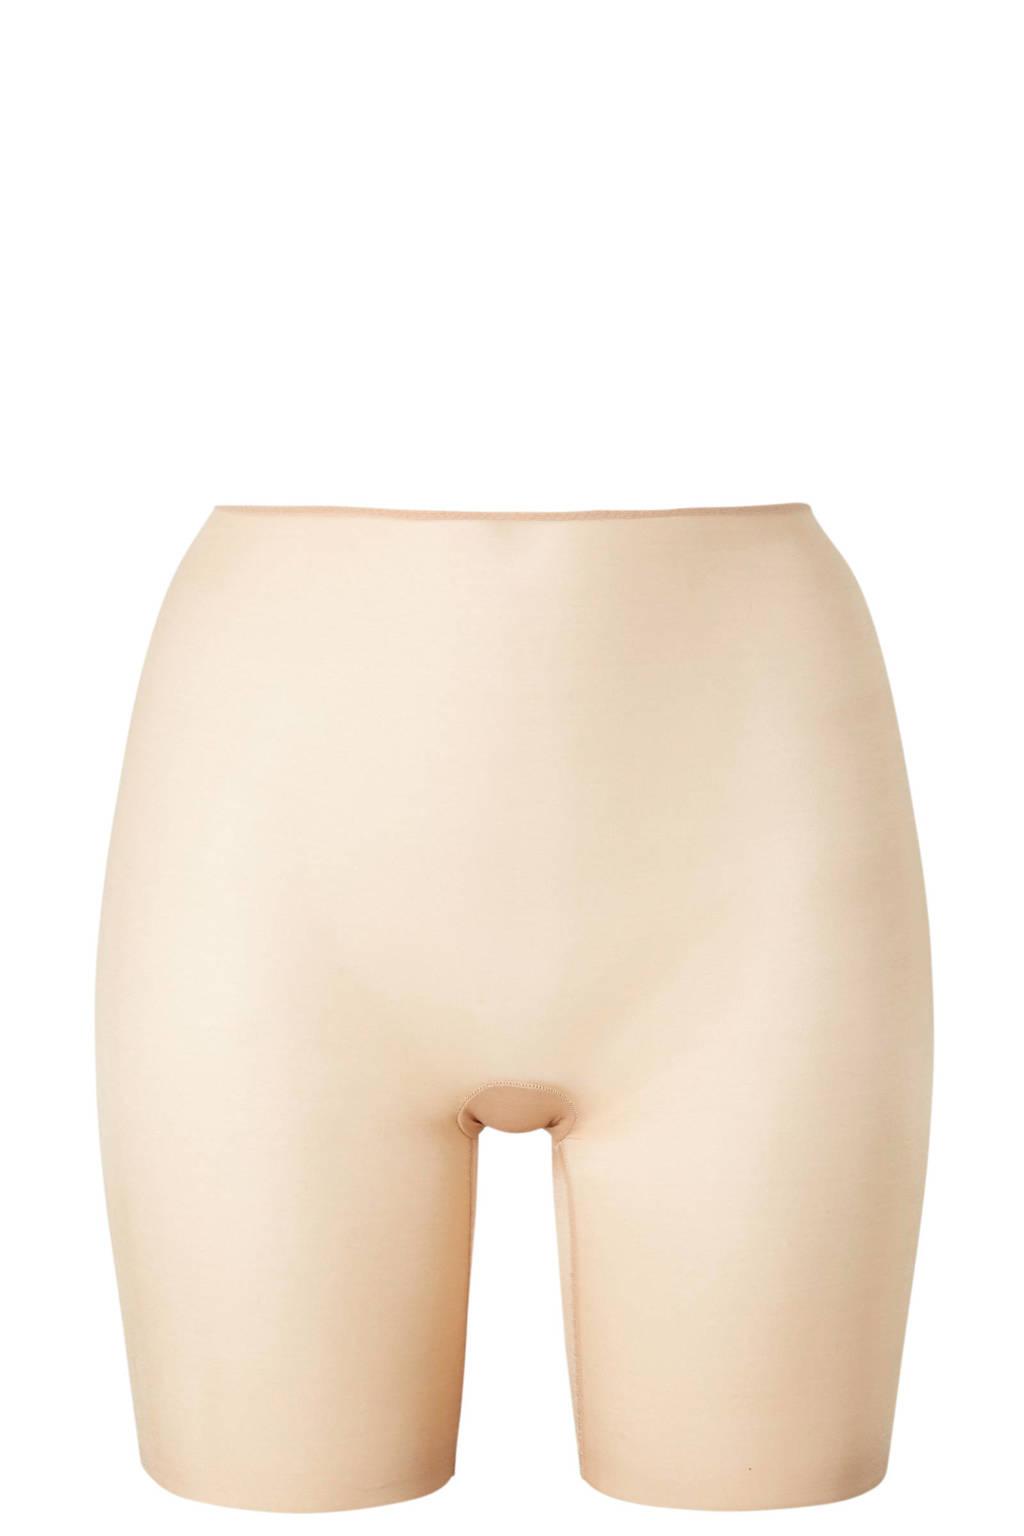 SPANX corrigerende short Skinny Britches beige, Beige